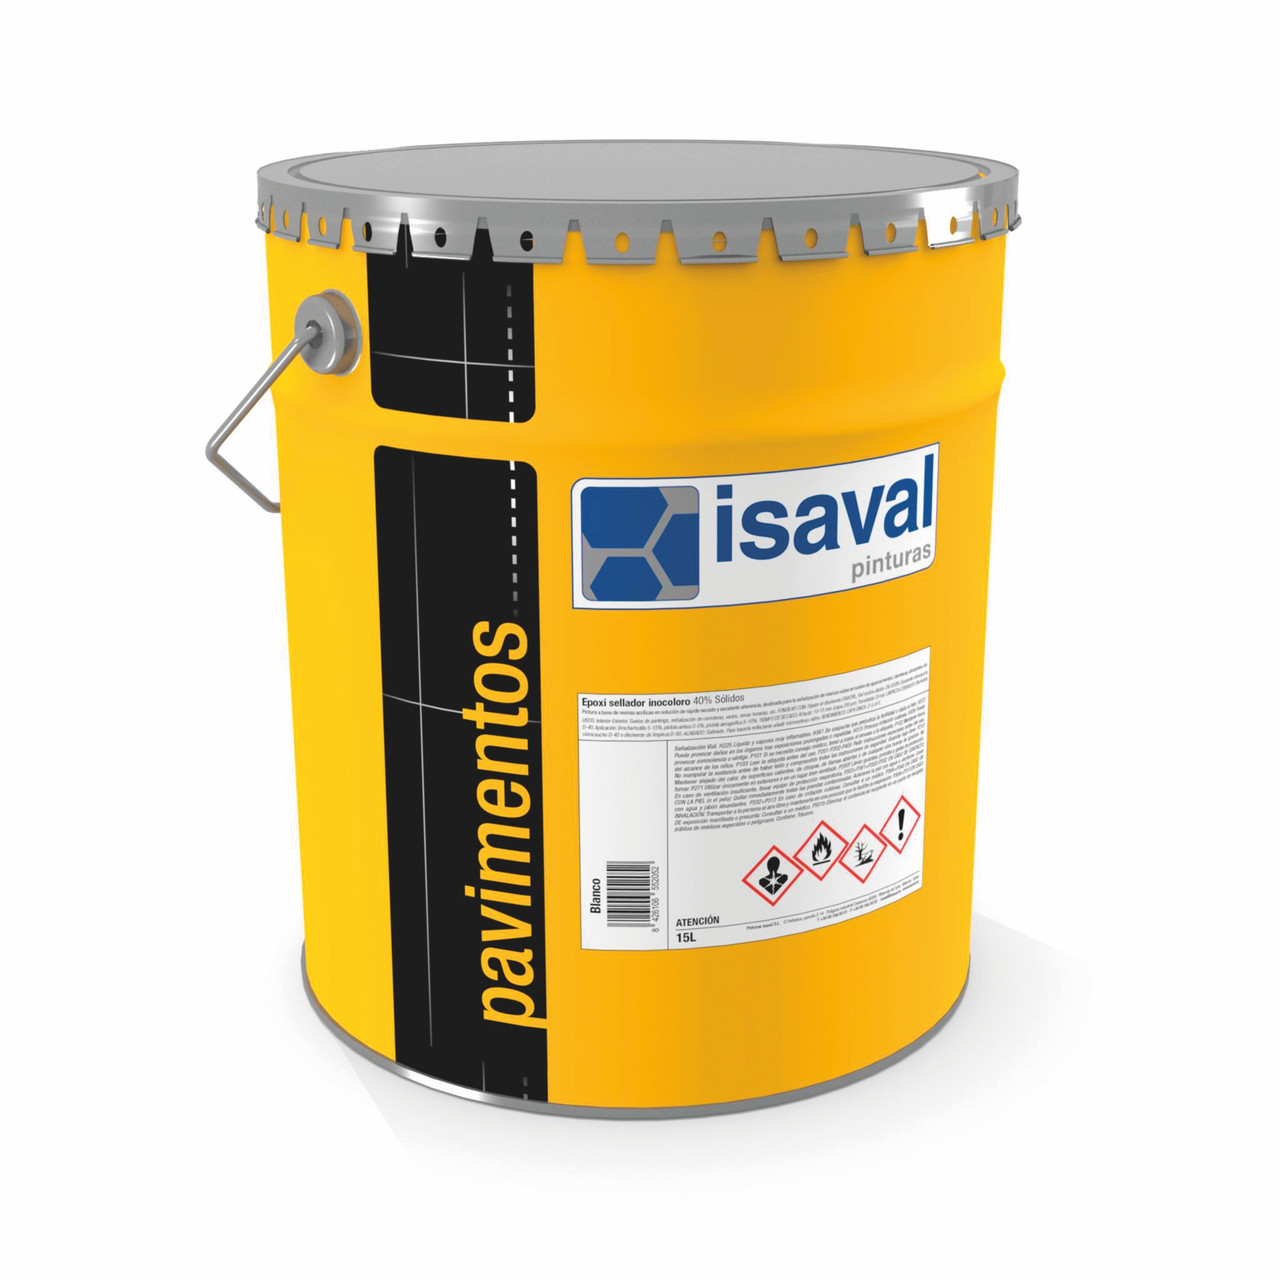 Эпоксидный прозрачный грунт 40% твёрдых веществ isaval 4кг ≈ 40м²/слой